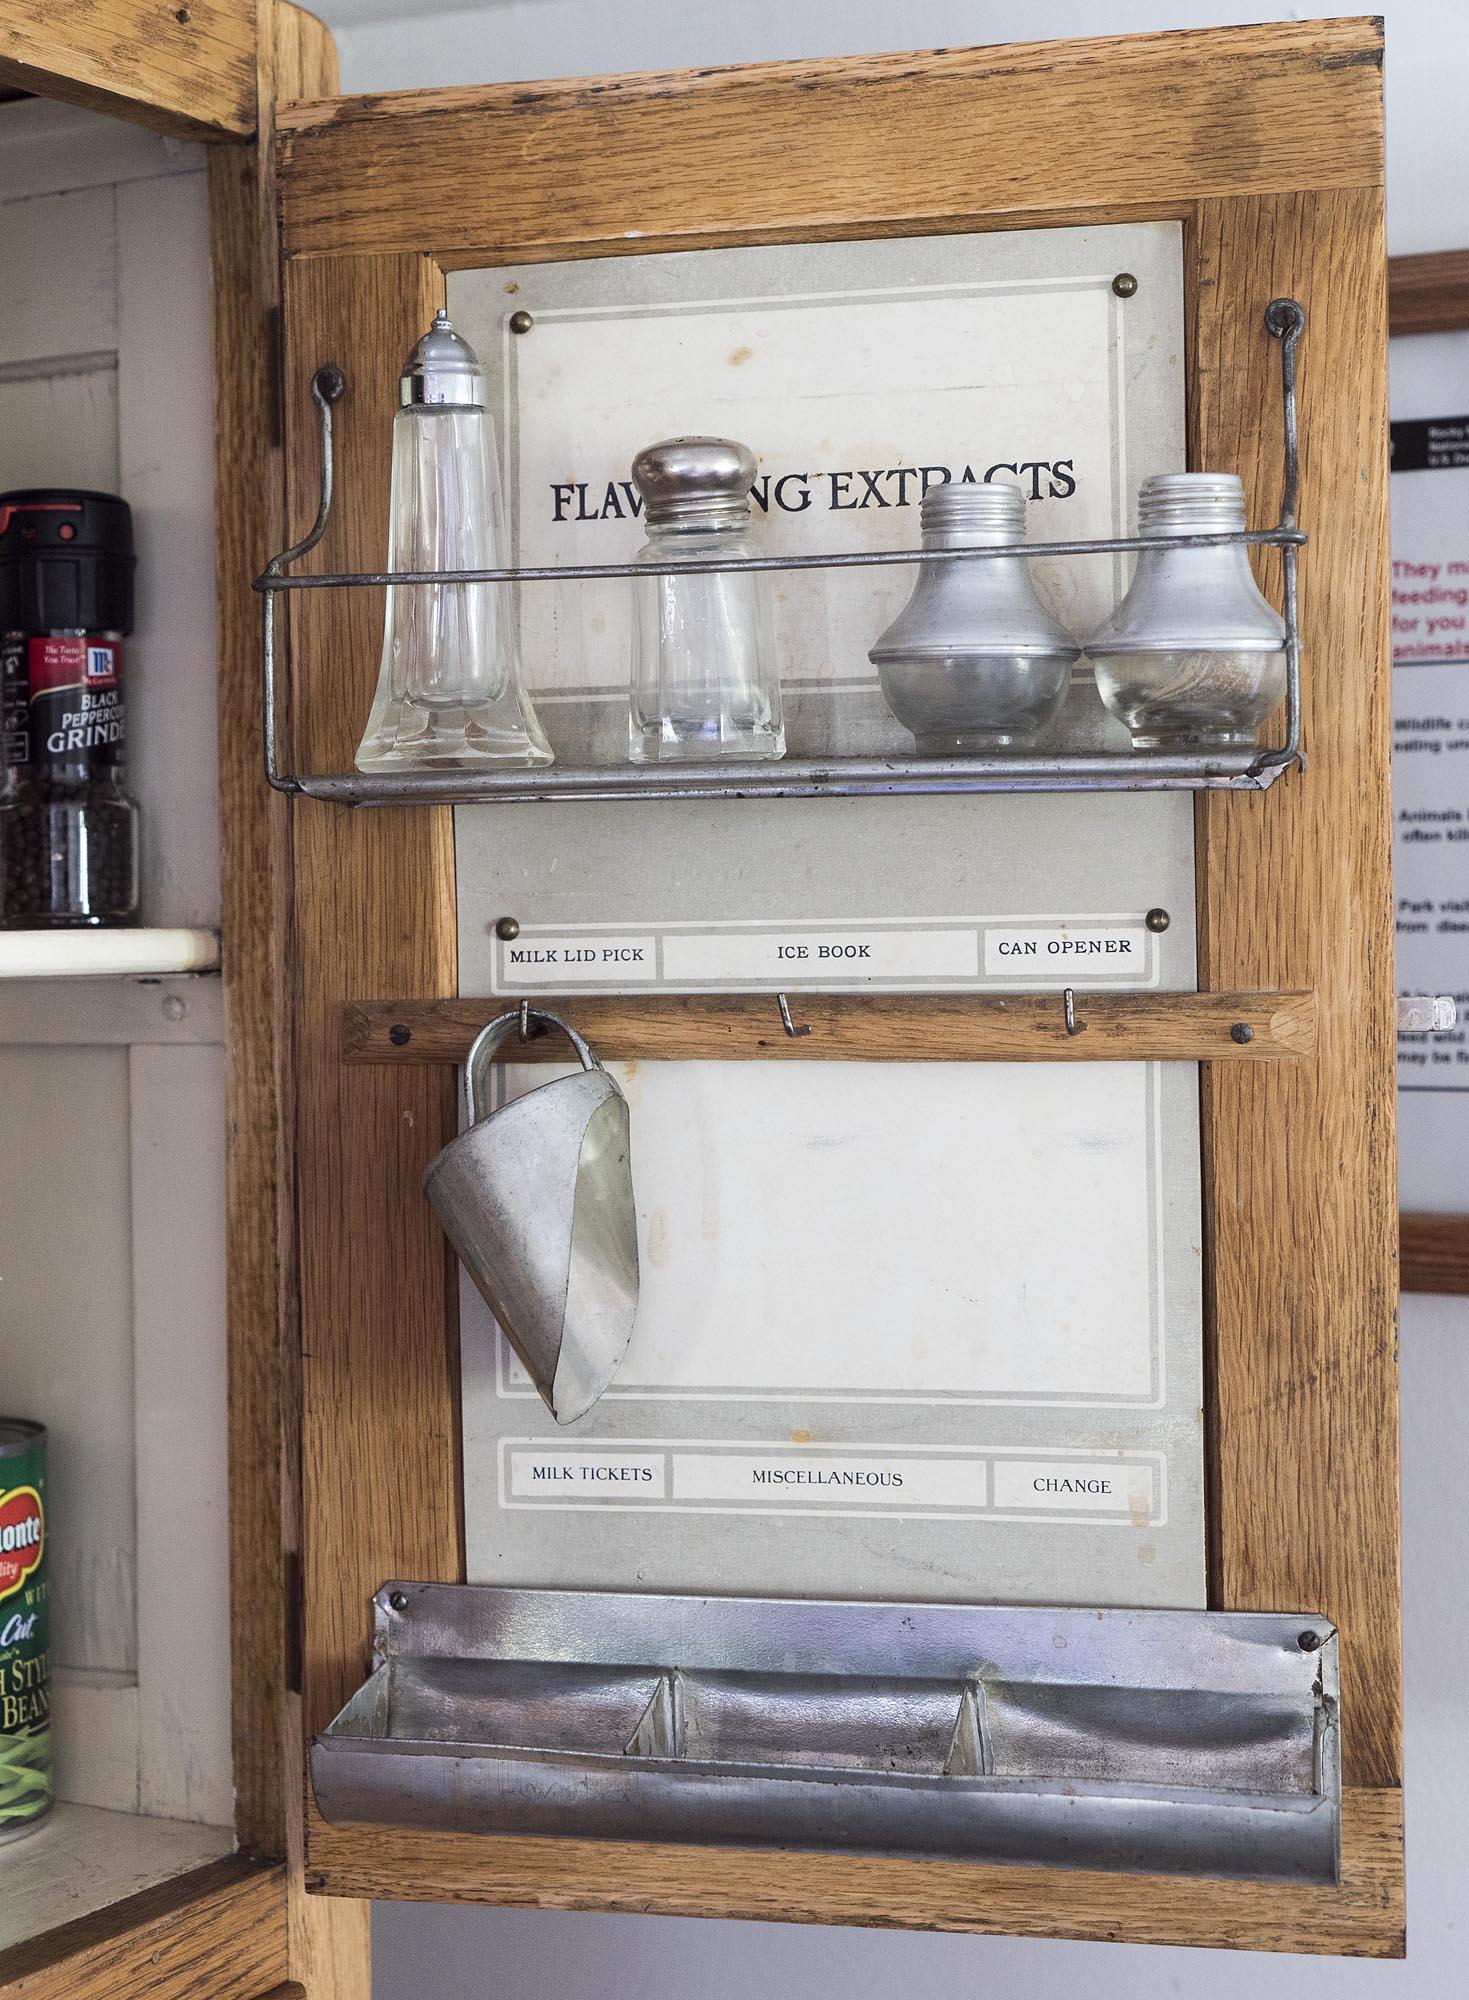 the hoosier kitchen cabinet door for flavoring extracts etc